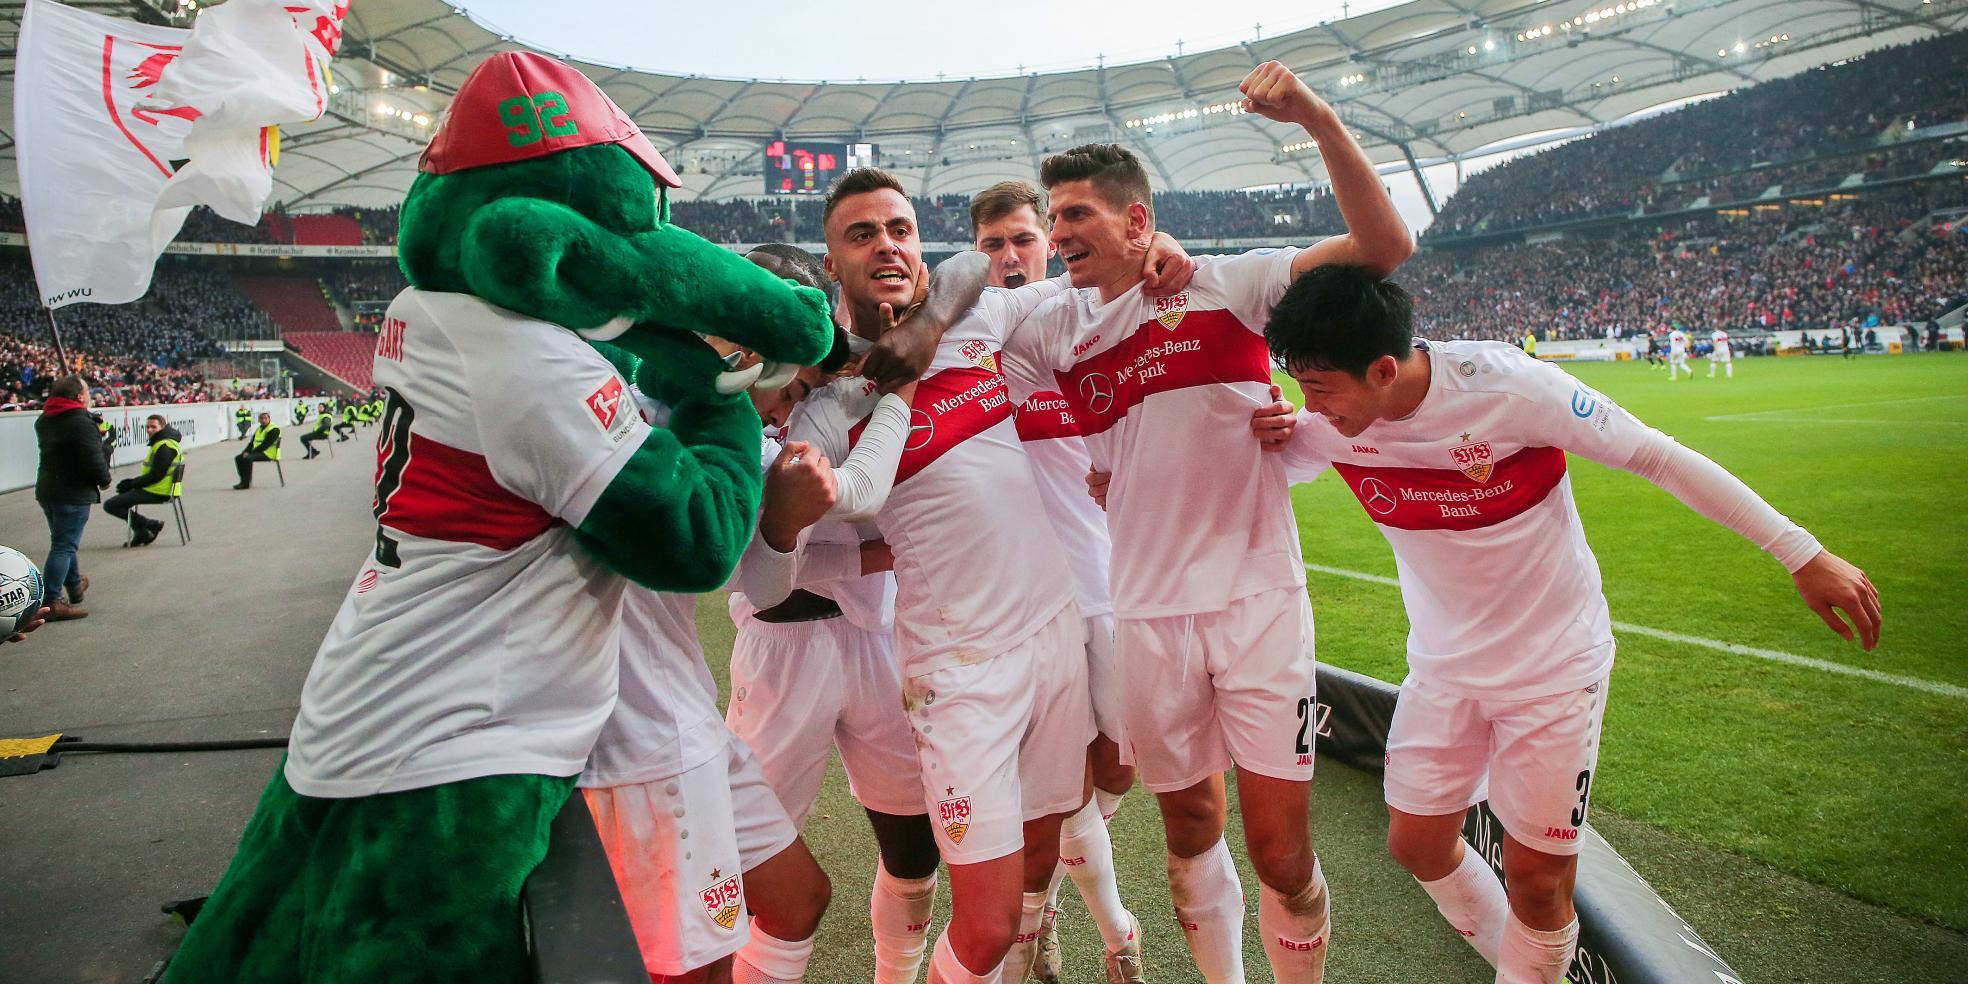 Der VfB Stuttgart ist zurück in der Bundesliga